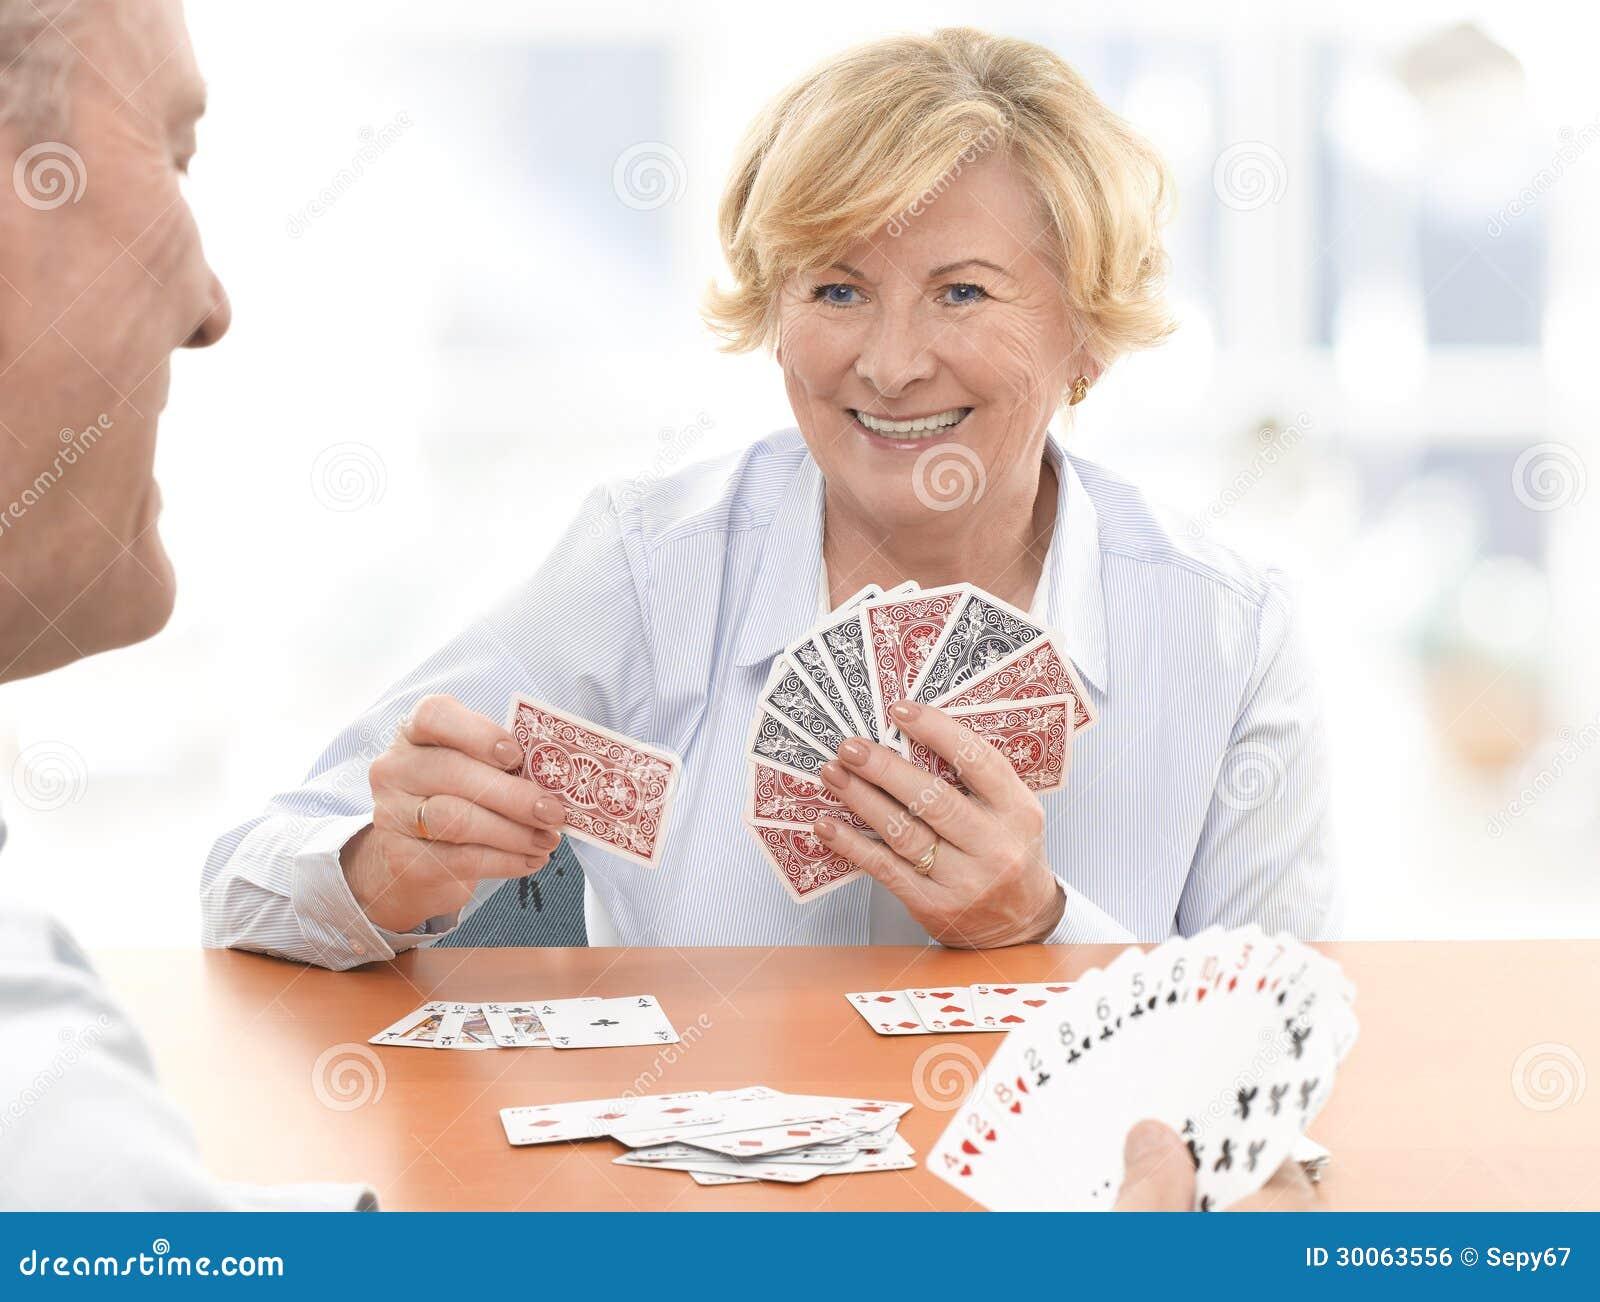 Семейные пары играют в карты 4 фотография